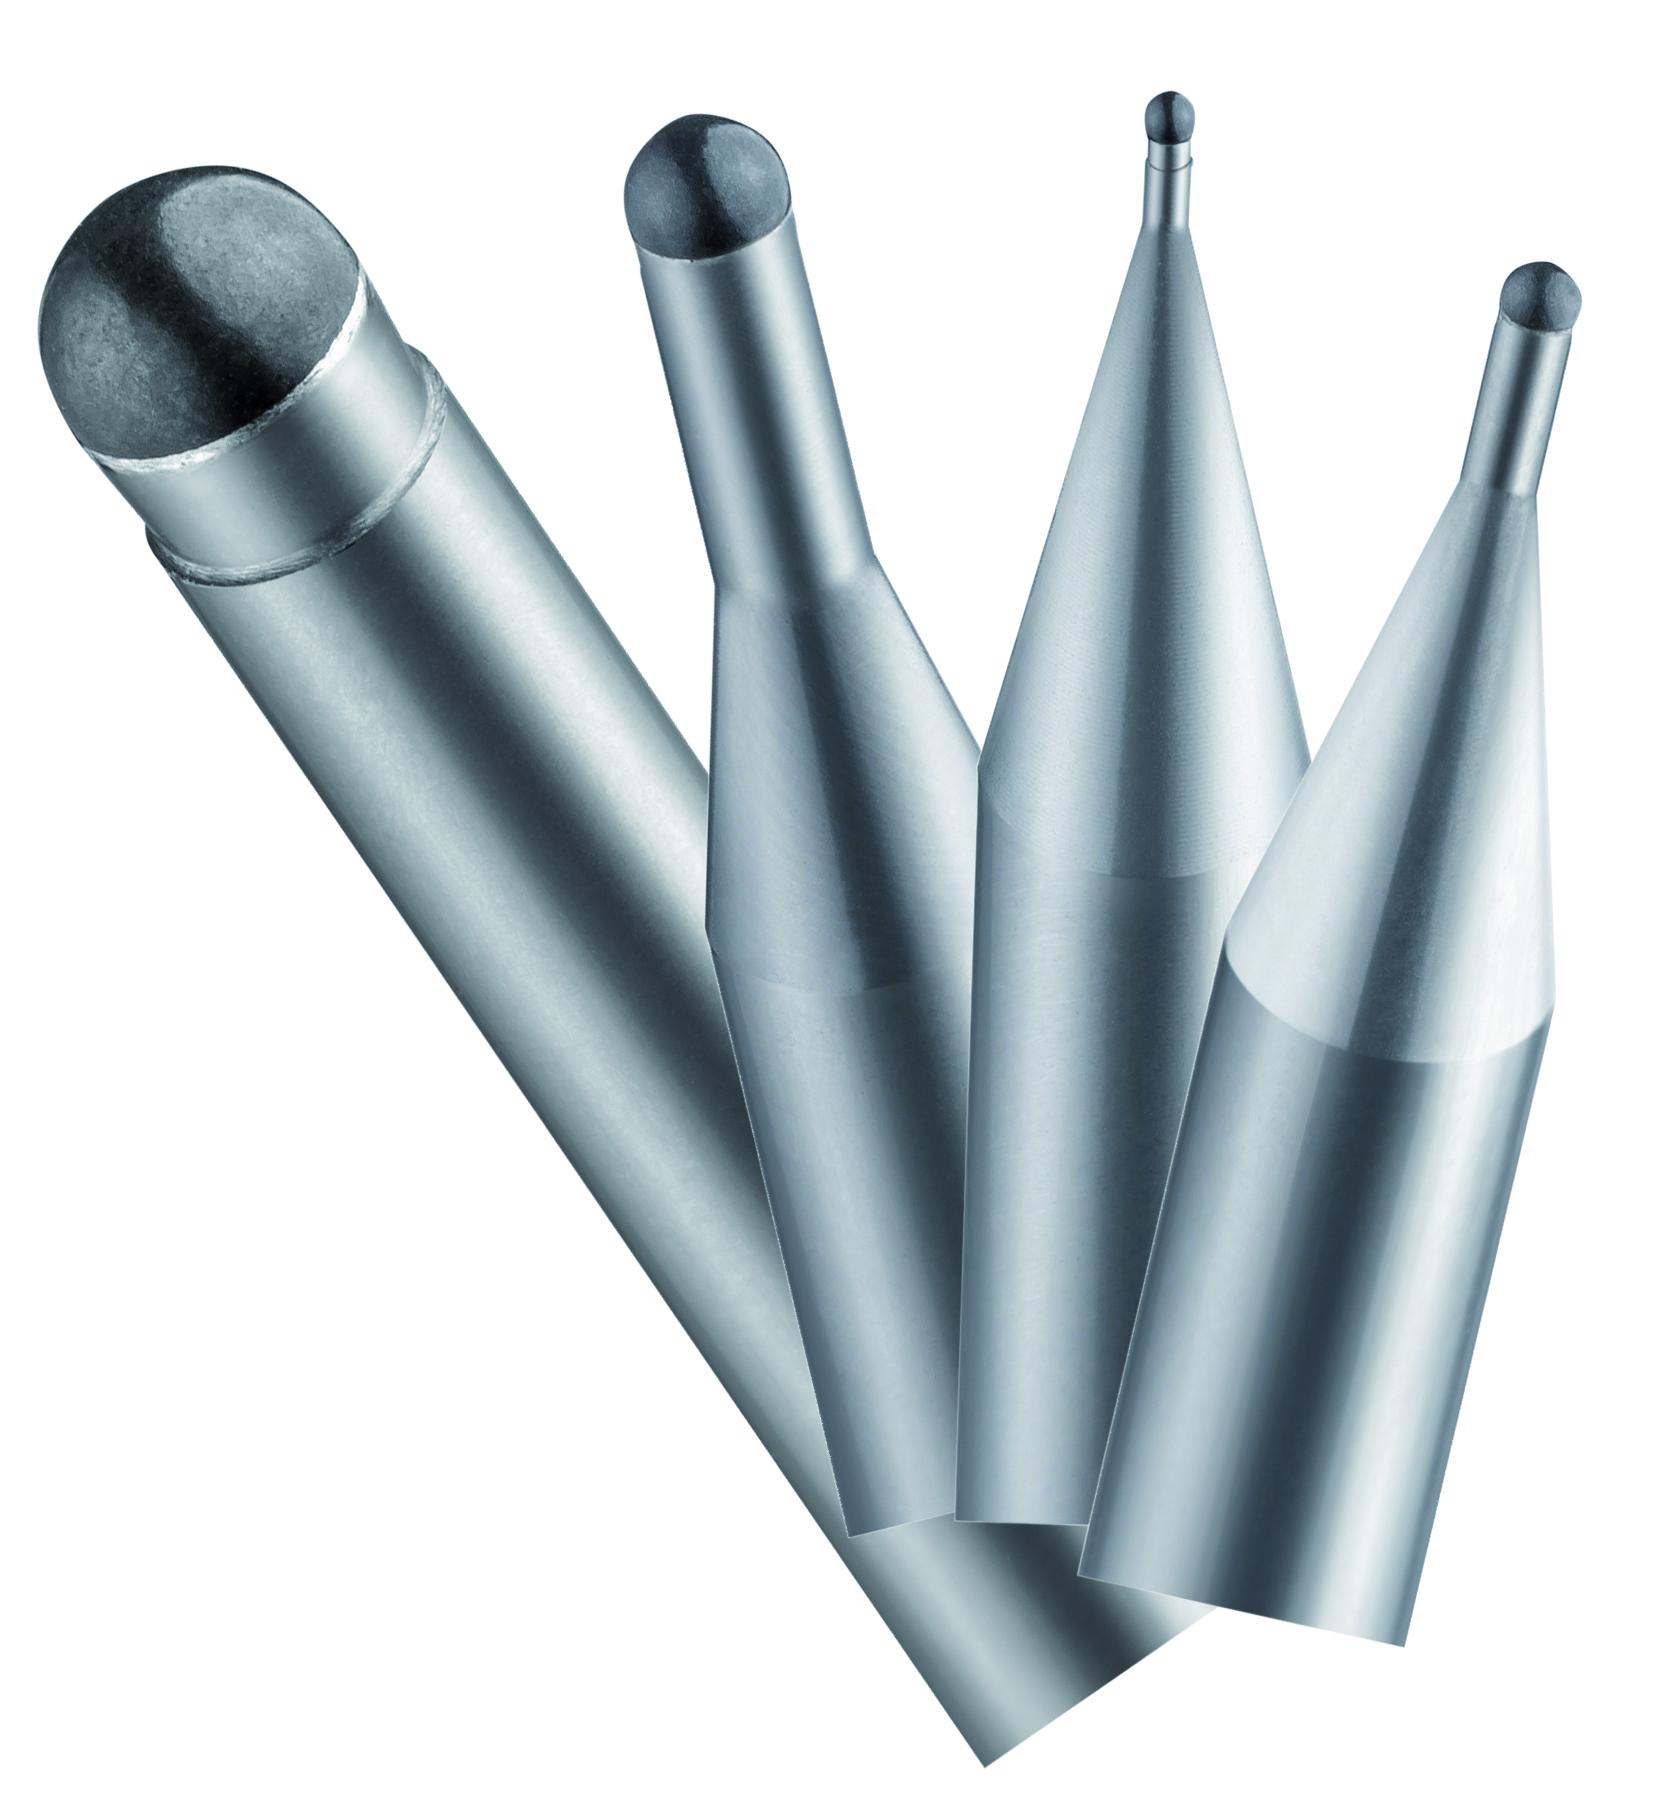 Glanzflächen in Stahl direkt auf der Maschine wirtschaftlich fertigen